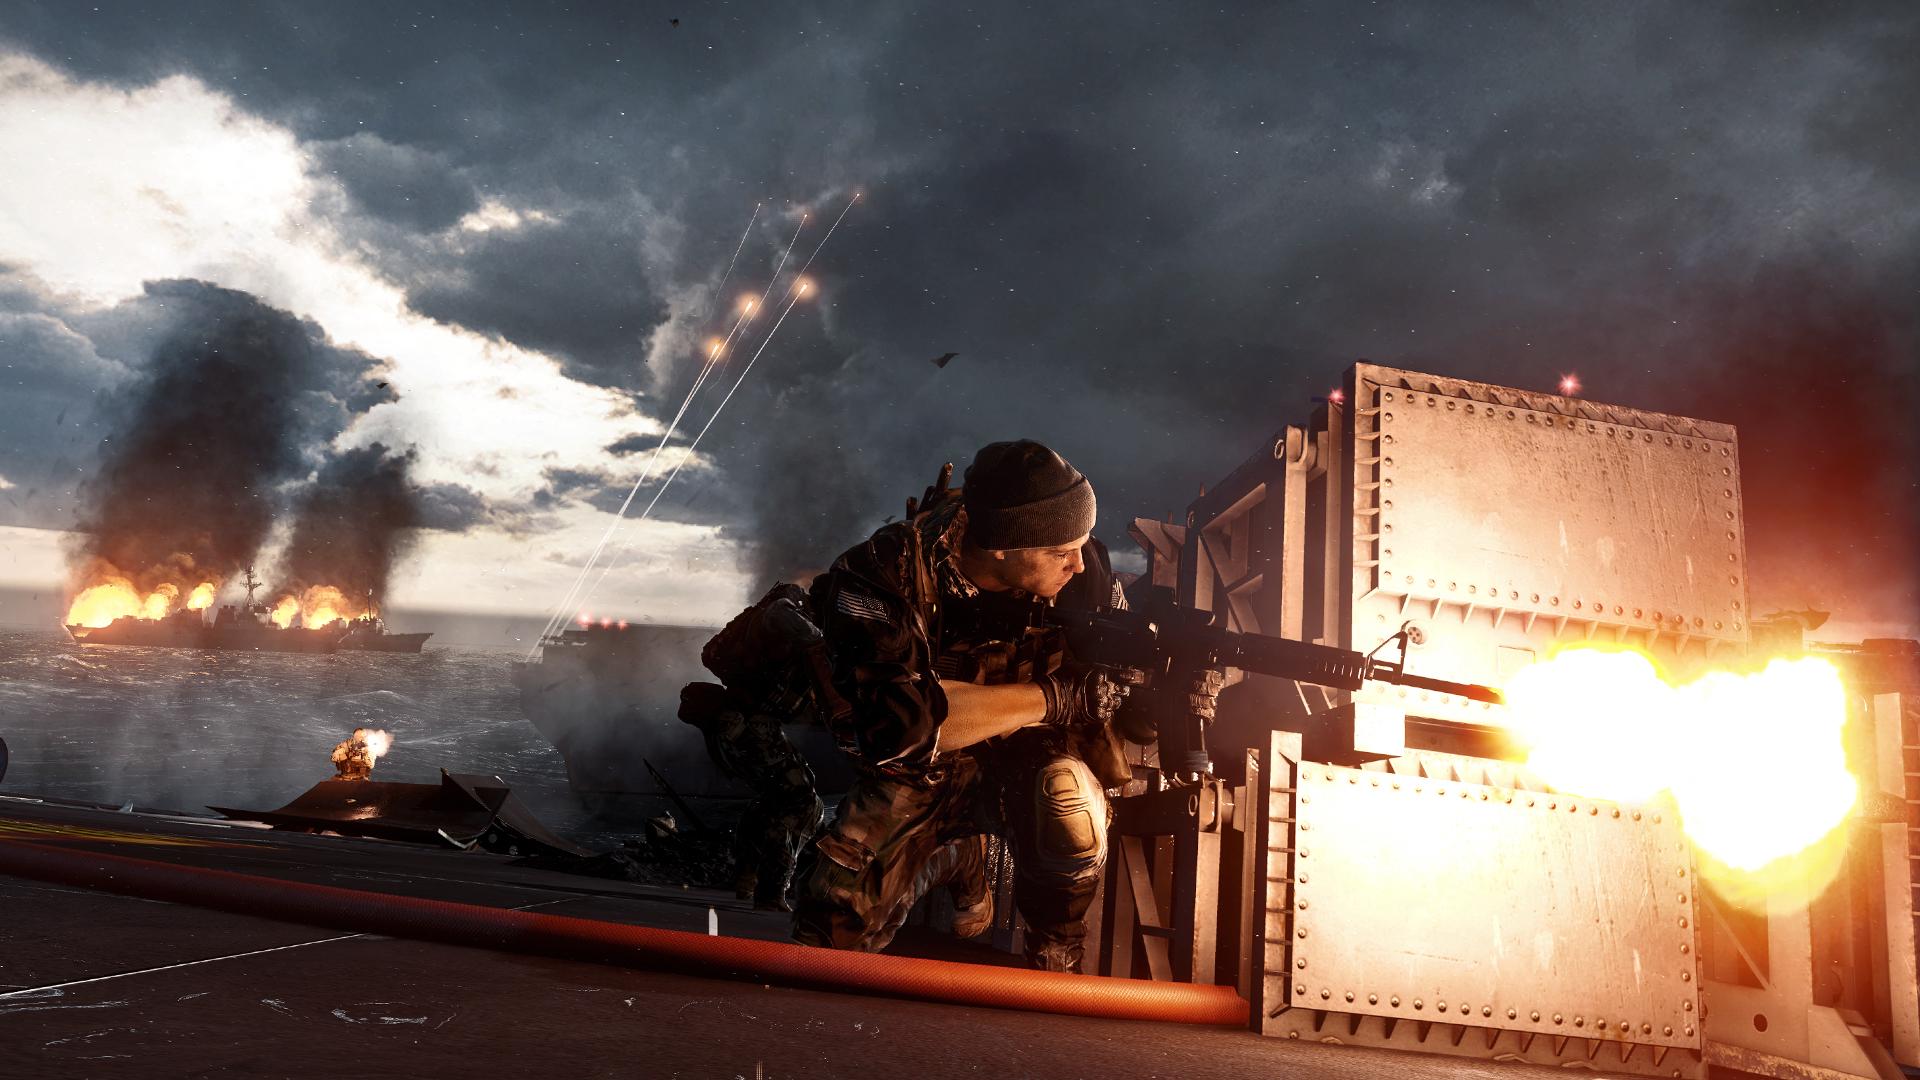 Battlefield 4 Review (Next-Gen) | Gamer Living